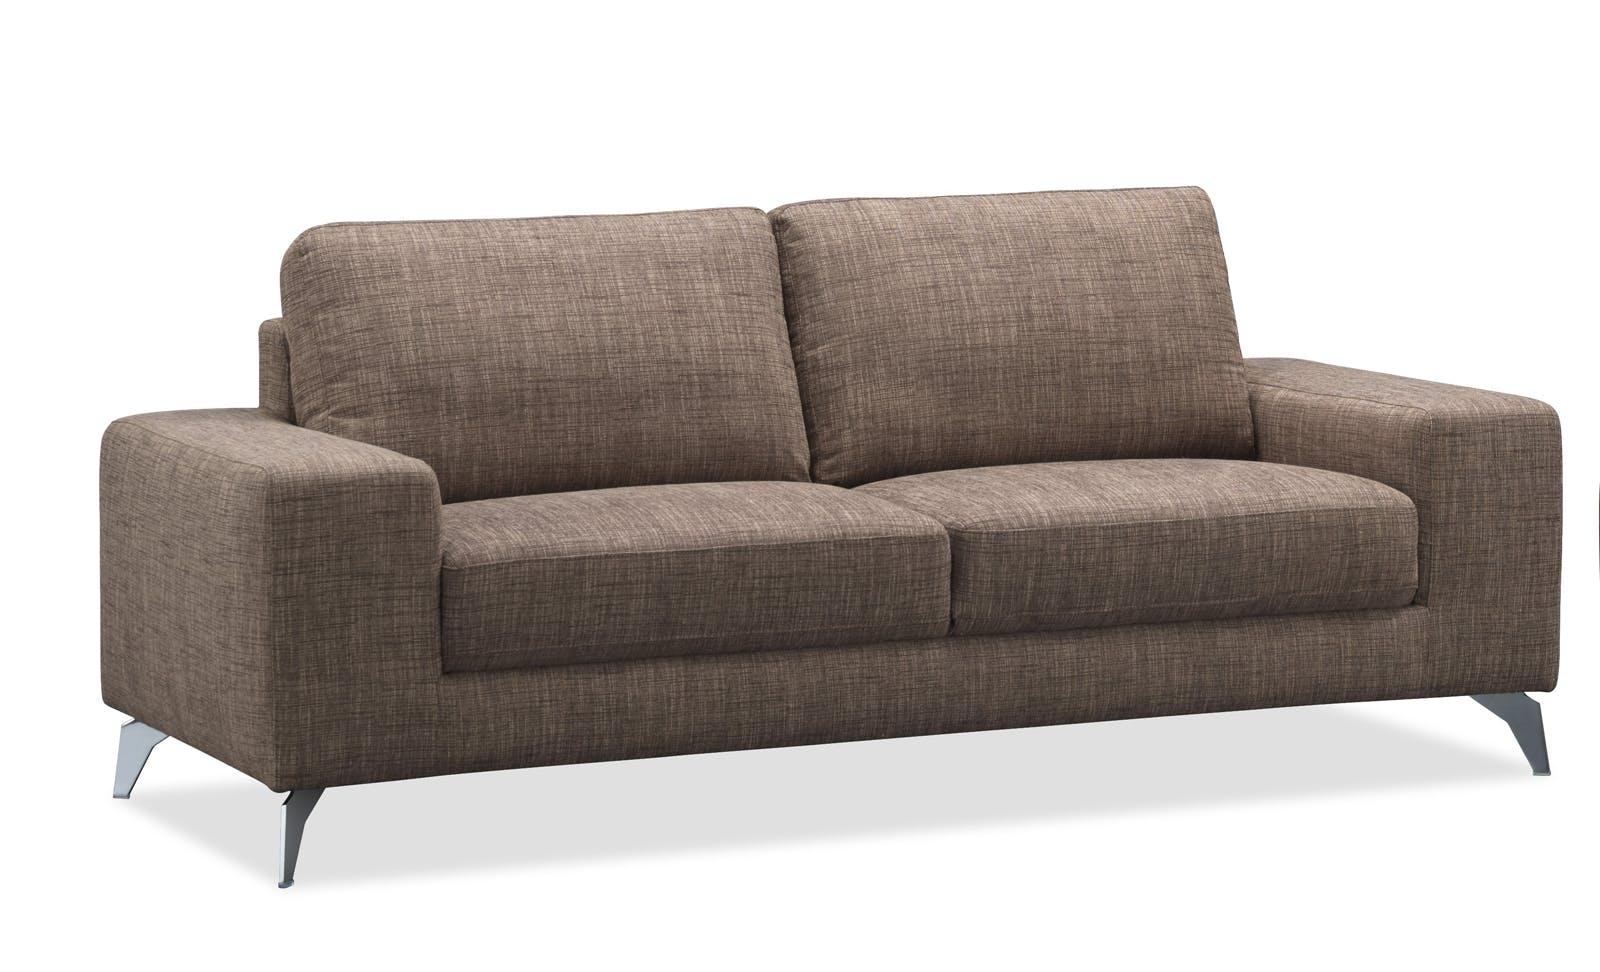 Canapé 2 places tapissier marron et pieds acier chromé 179,5x95,5x84cm JAZZ MENDE